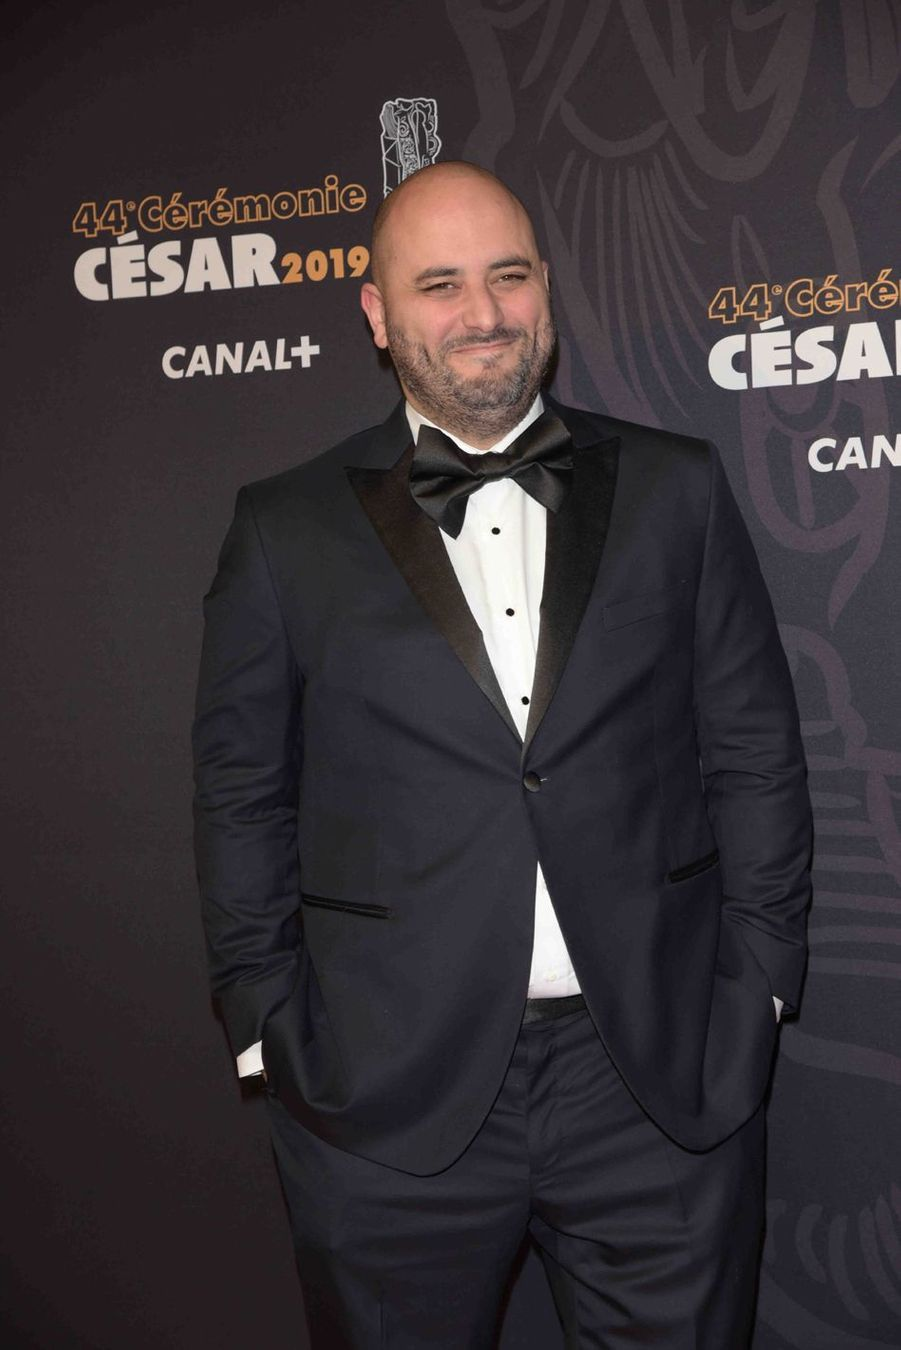 Jérôme Commandeurà la 44e cérémonie des César à la Salle Pleyel à Paris le 22 février 2019